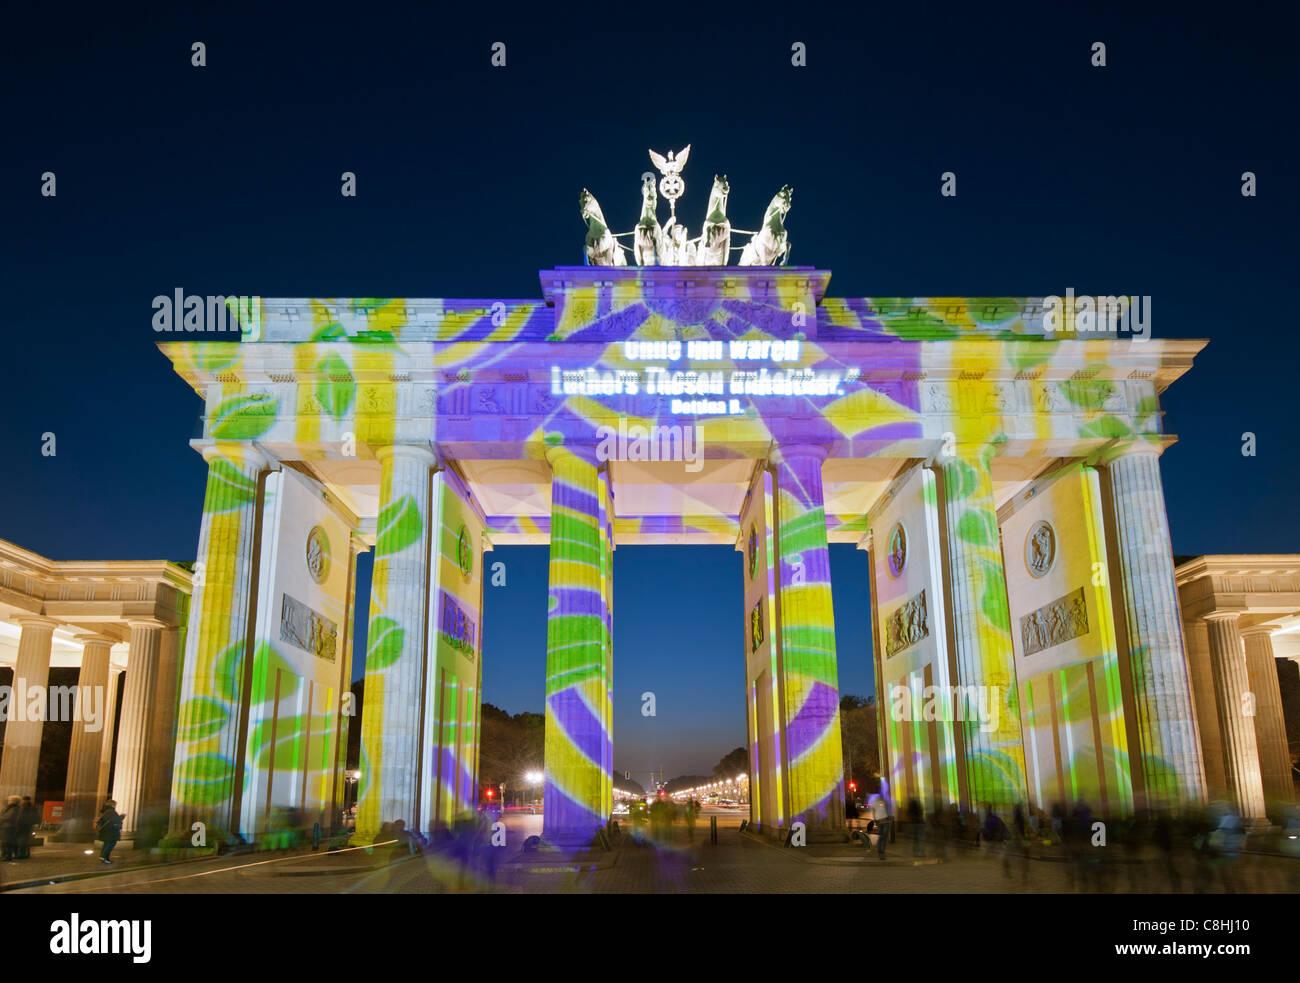 Puerta de Brandenburgo iluminada durante el Festival de las luces en Berlín Alemania 2011 Imagen De Stock